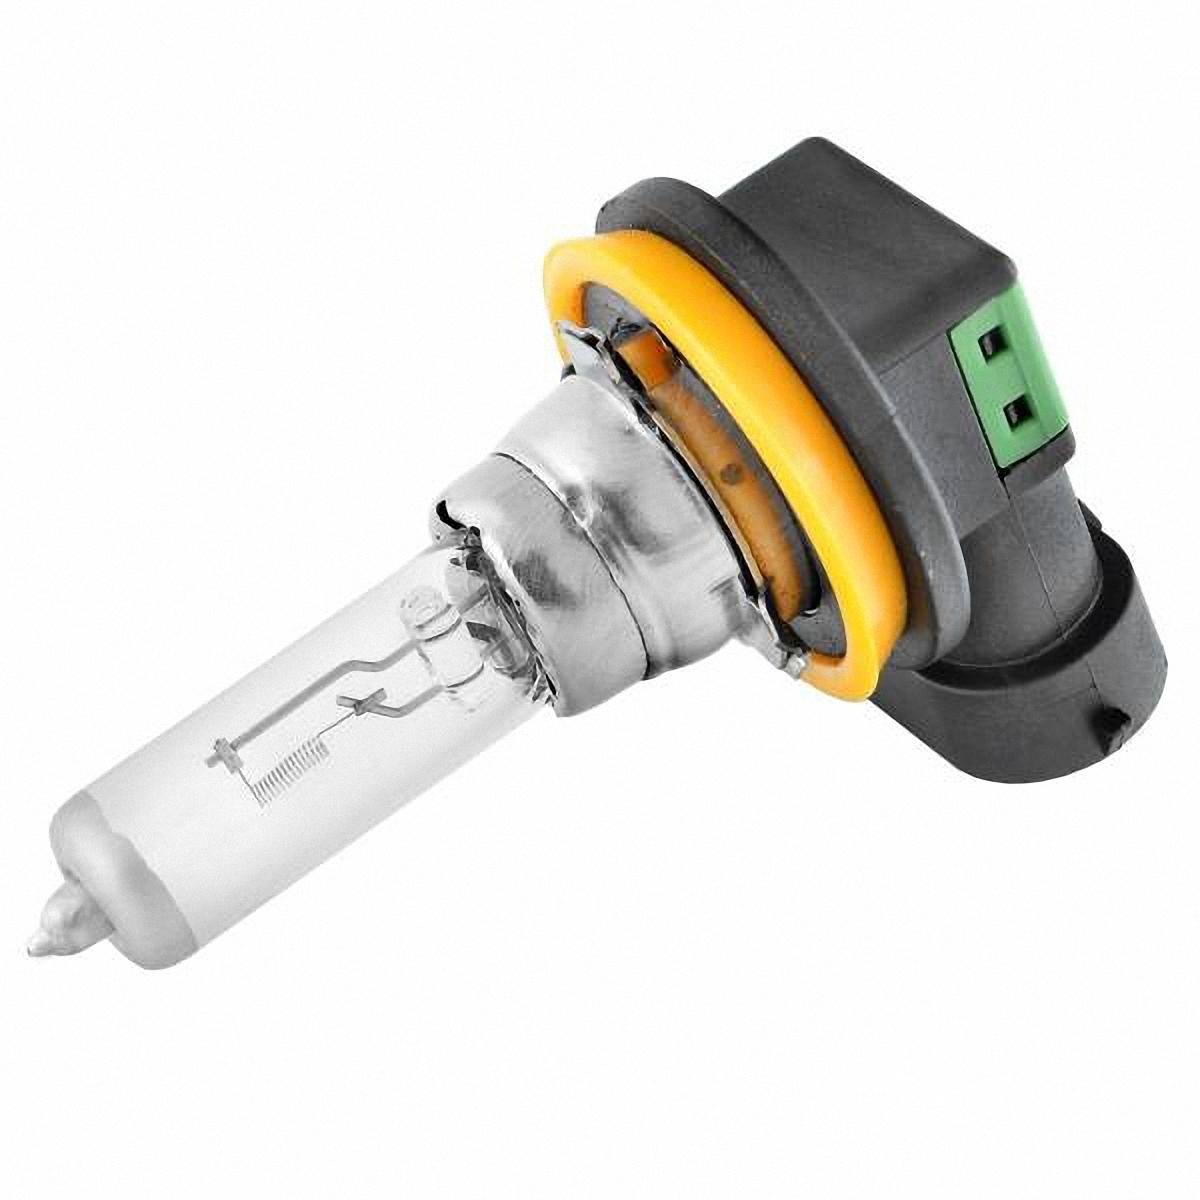 Лампа автомобильная Skyway, галогенная, цоколь H11, 55Вт, 12 ВH11-12V55W WАвтолампа представляет собой лампу накаливания, колбу которой заполняет галоген (йод или бром). Такие лампы отвечают всем без исключения стандартам качества. Для ближнего, дальнего света, противотуманных фар. Цоколь: Н11.